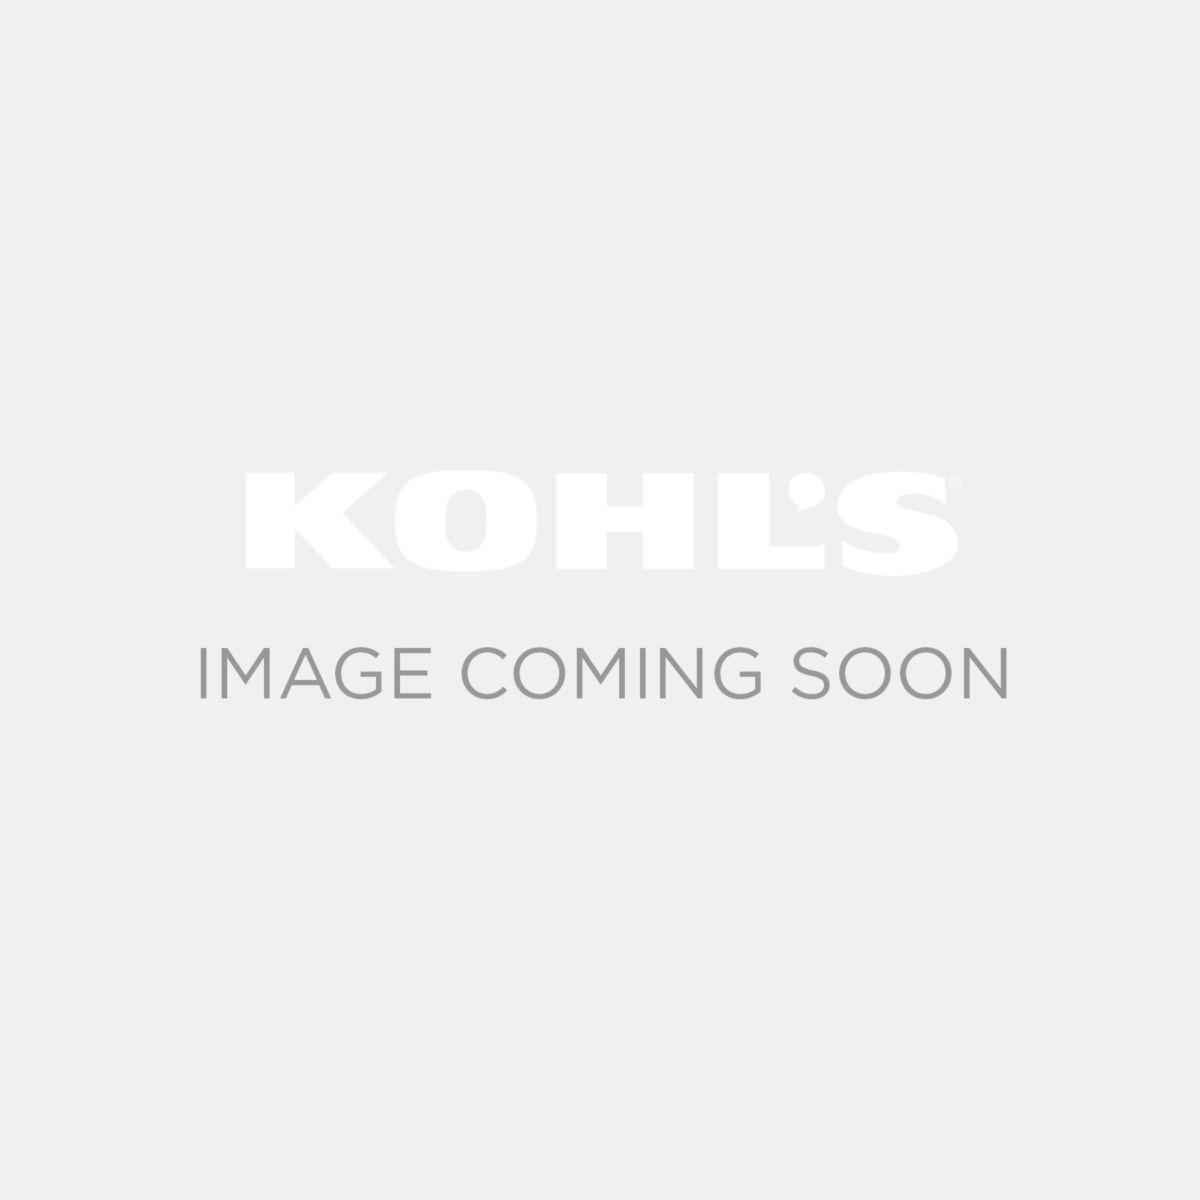 Eastland Buck Women's Oxford Shoes bKj7G